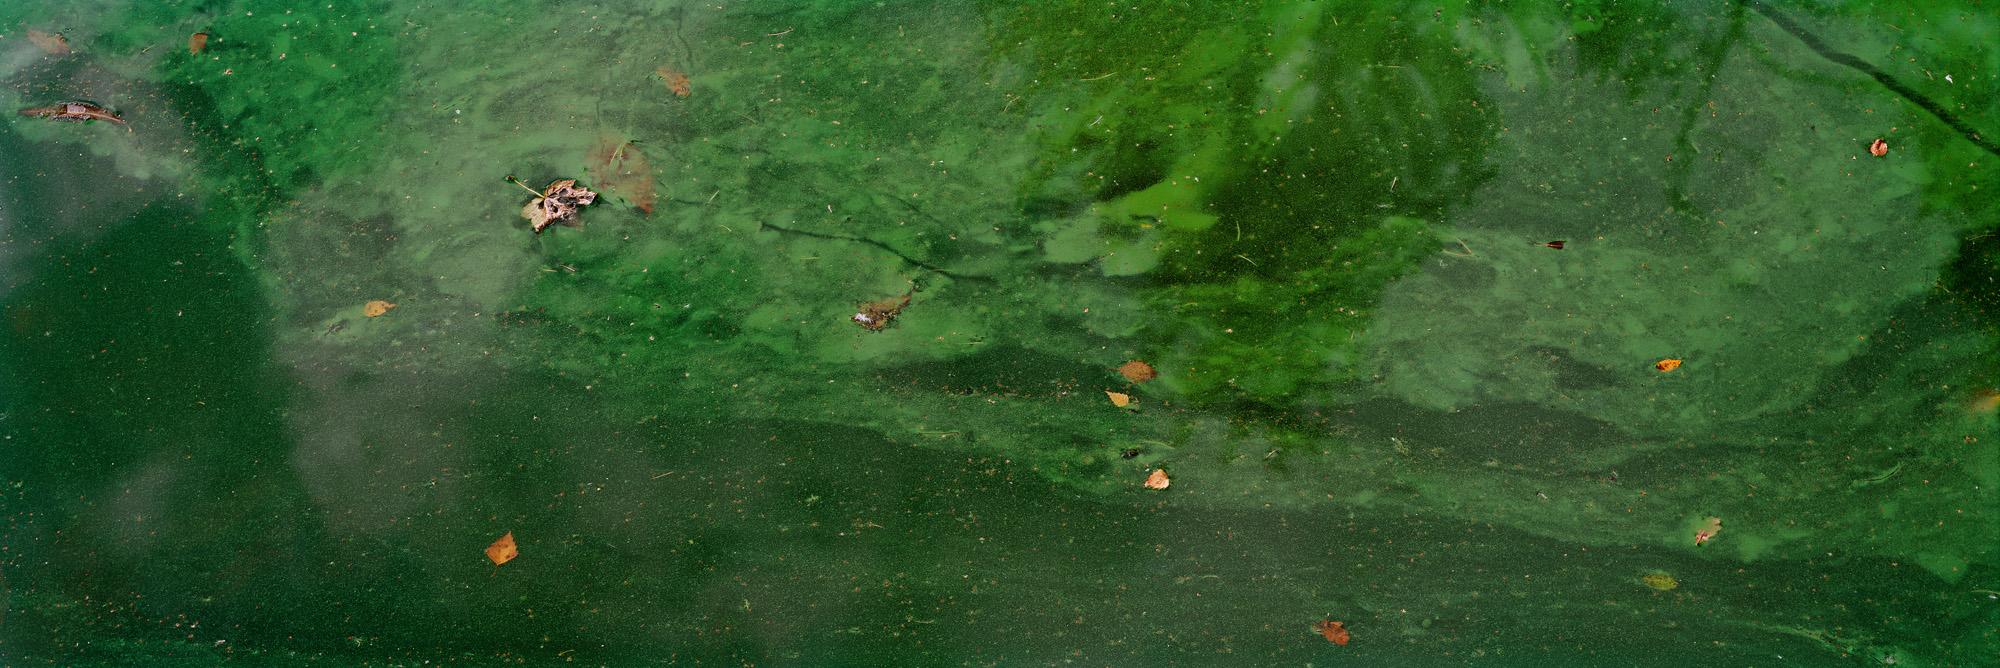 Blackbrook, Mount Saint Bernard Abbey, England, Great Britain, Großbritannien, Wasser, See, Algen, abstrakt, Fluss, fließend, Universum, Spiegelungen, grün, gelb, braun, analog, analoge Fotografie, Großformat